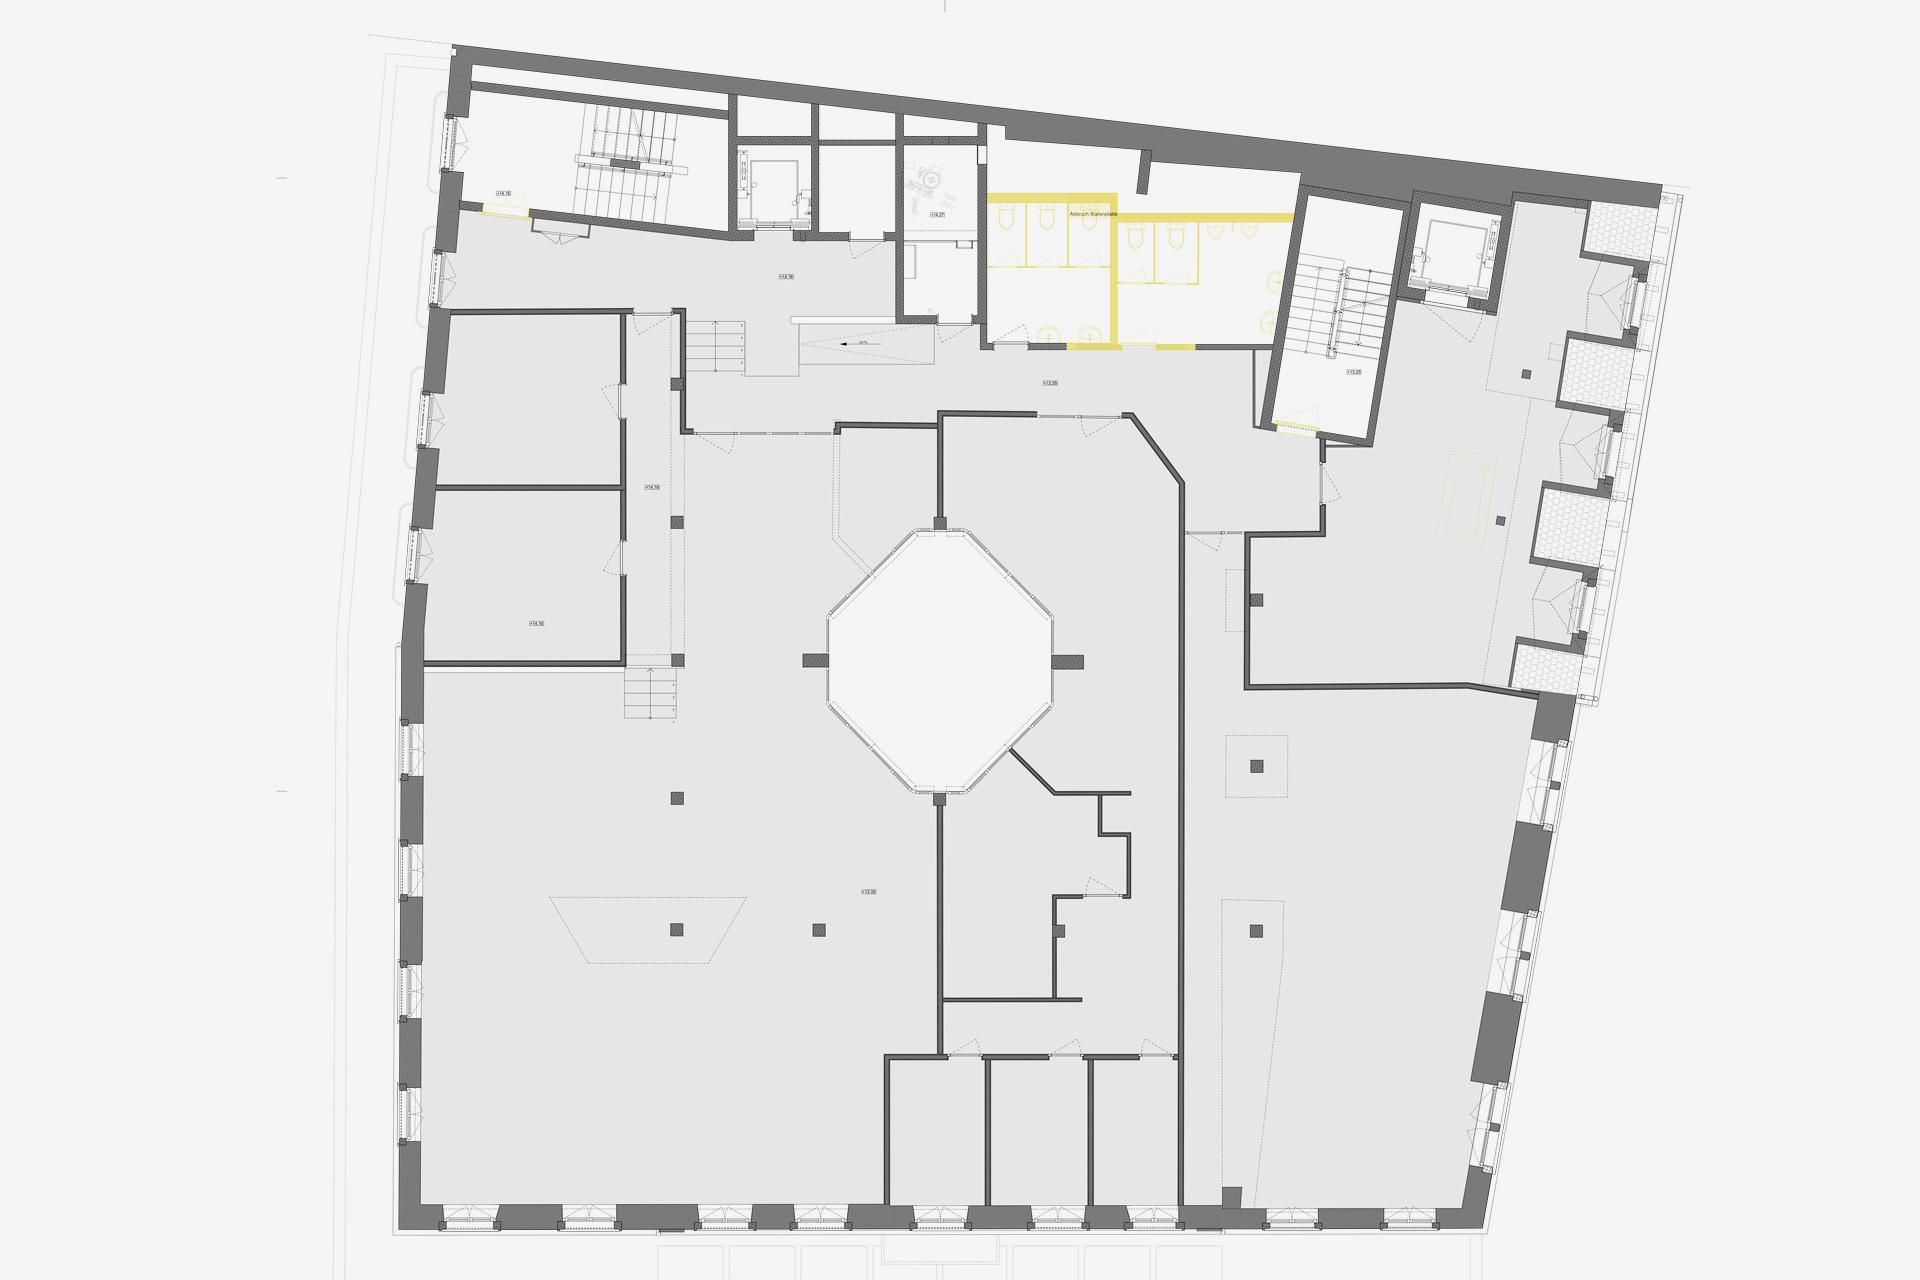 Referenzen, Kanton Baselstadt, Geschäftshaus Barfüsserplatz